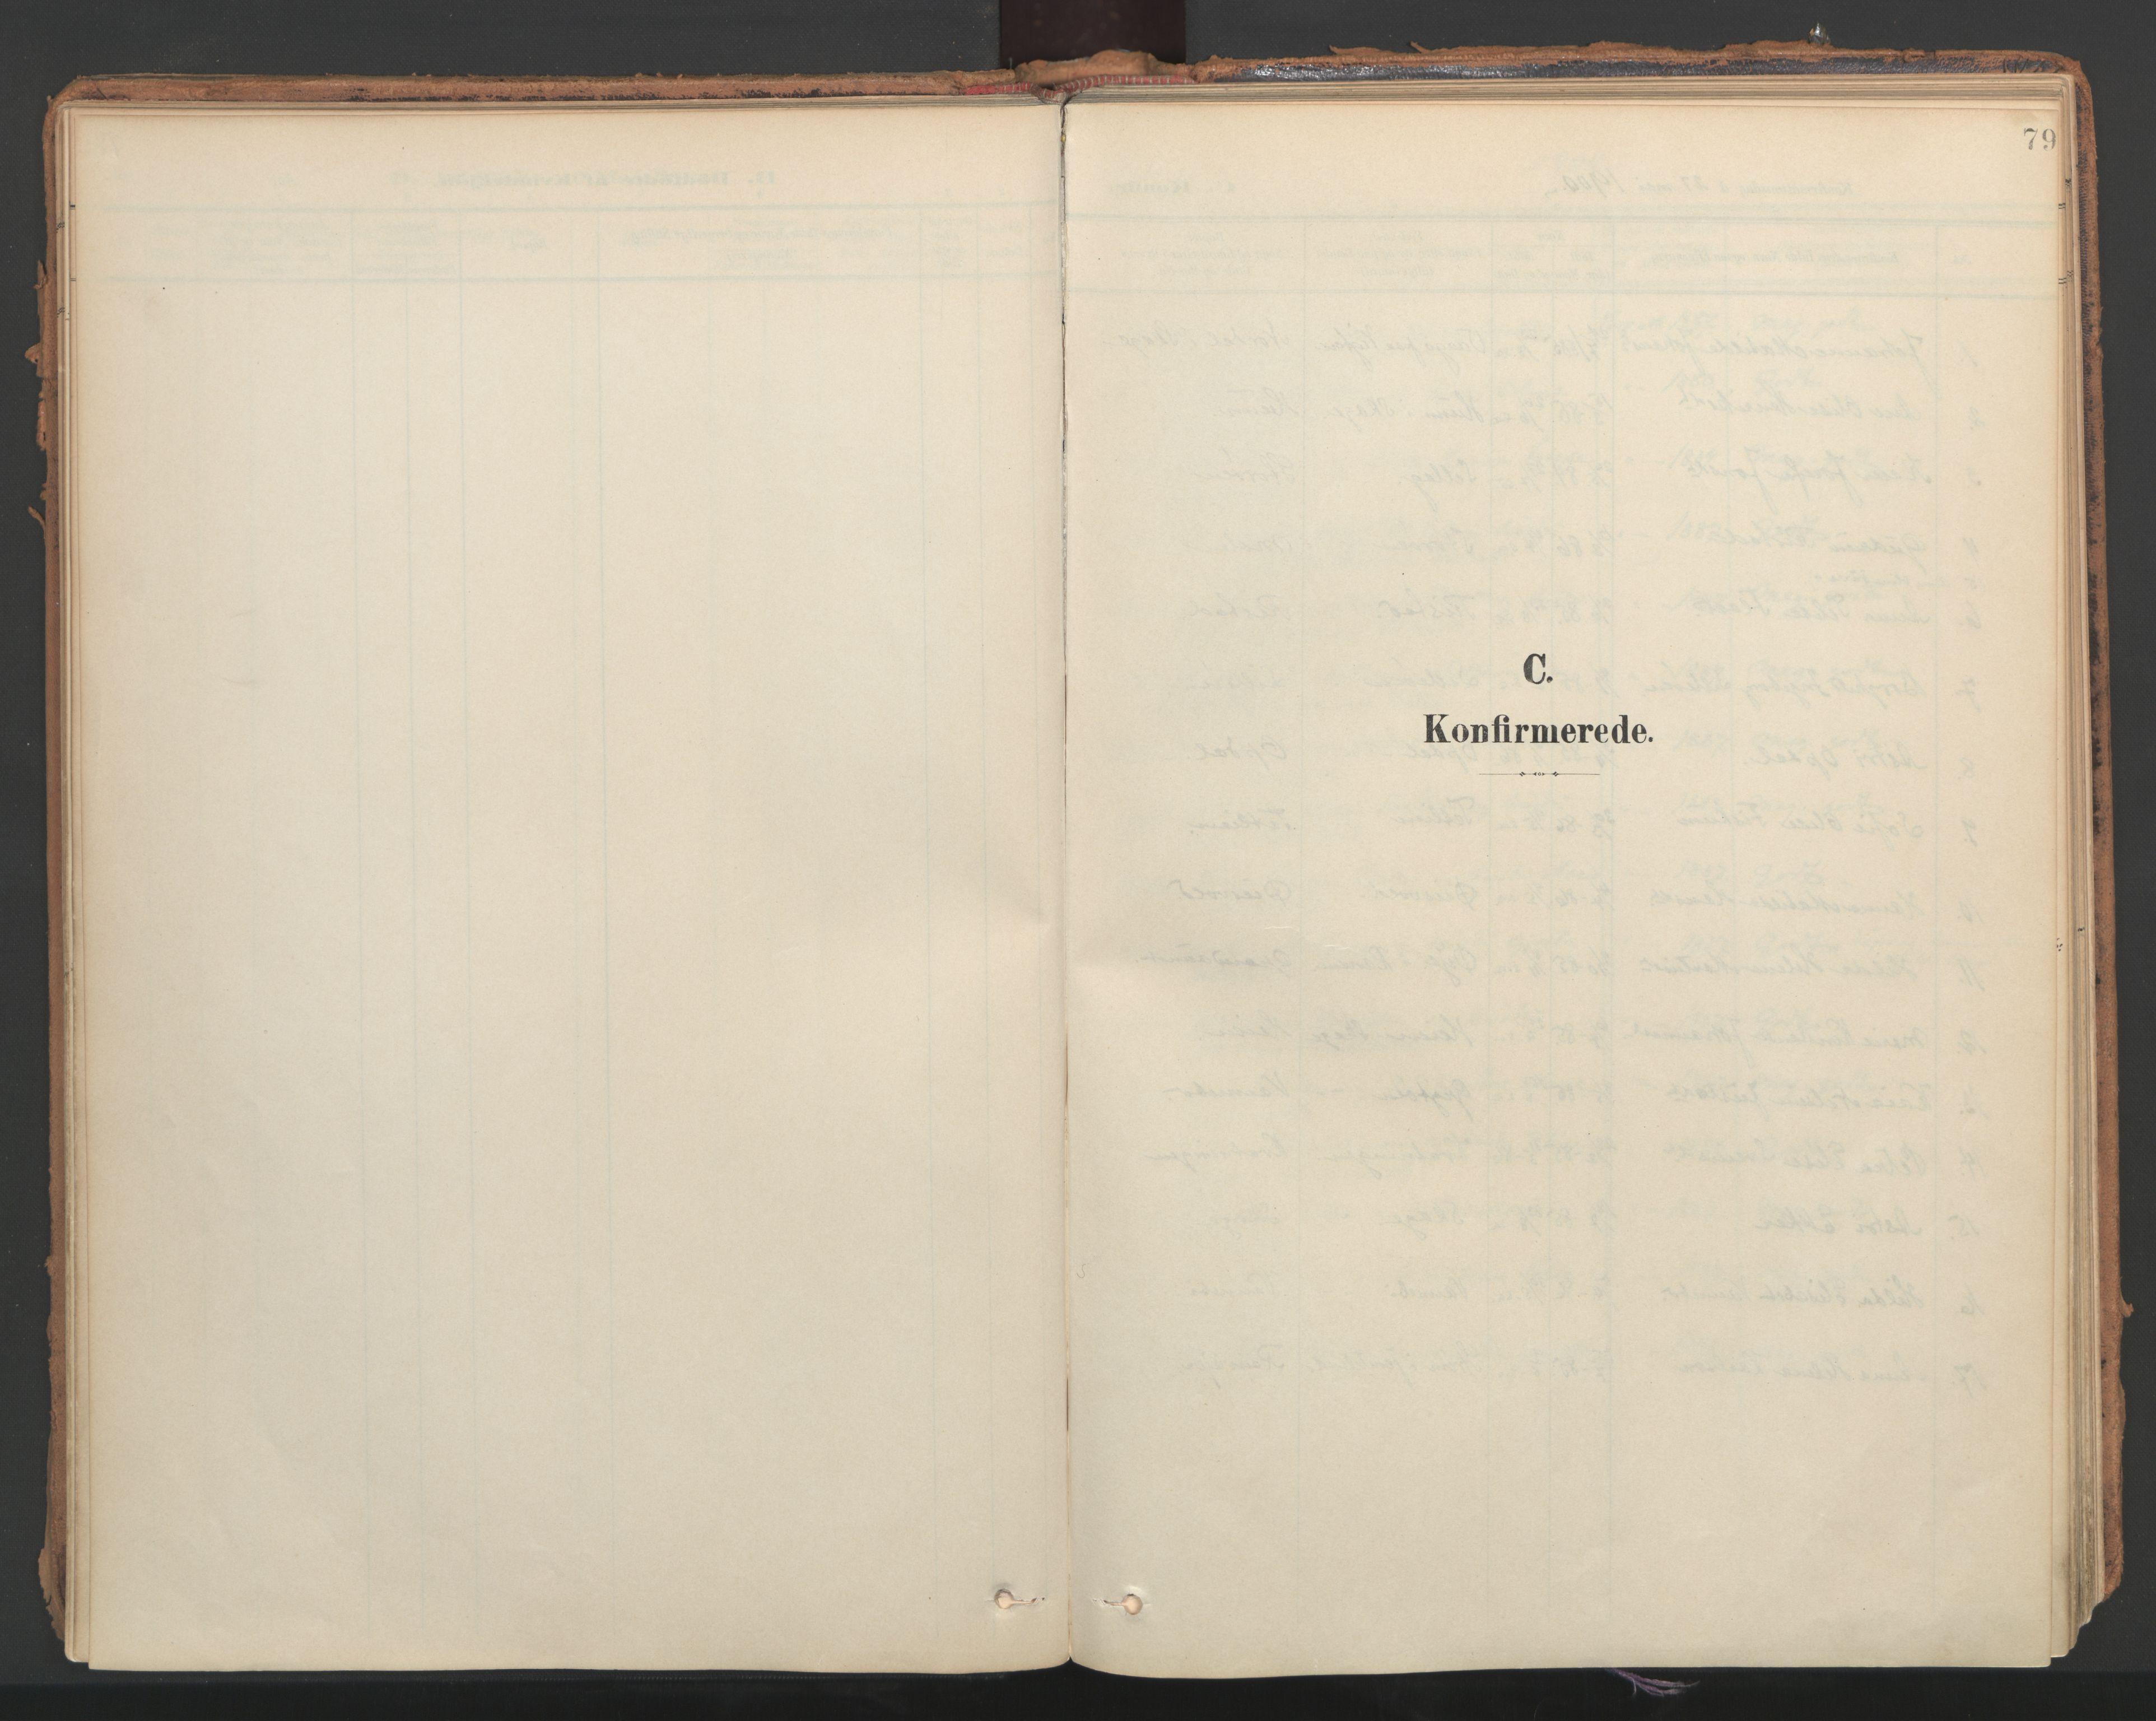 SAT, Ministerialprotokoller, klokkerbøker og fødselsregistre - Nord-Trøndelag, 766/L0564: Ministerialbok nr. 767A02, 1900-1932, s. 79